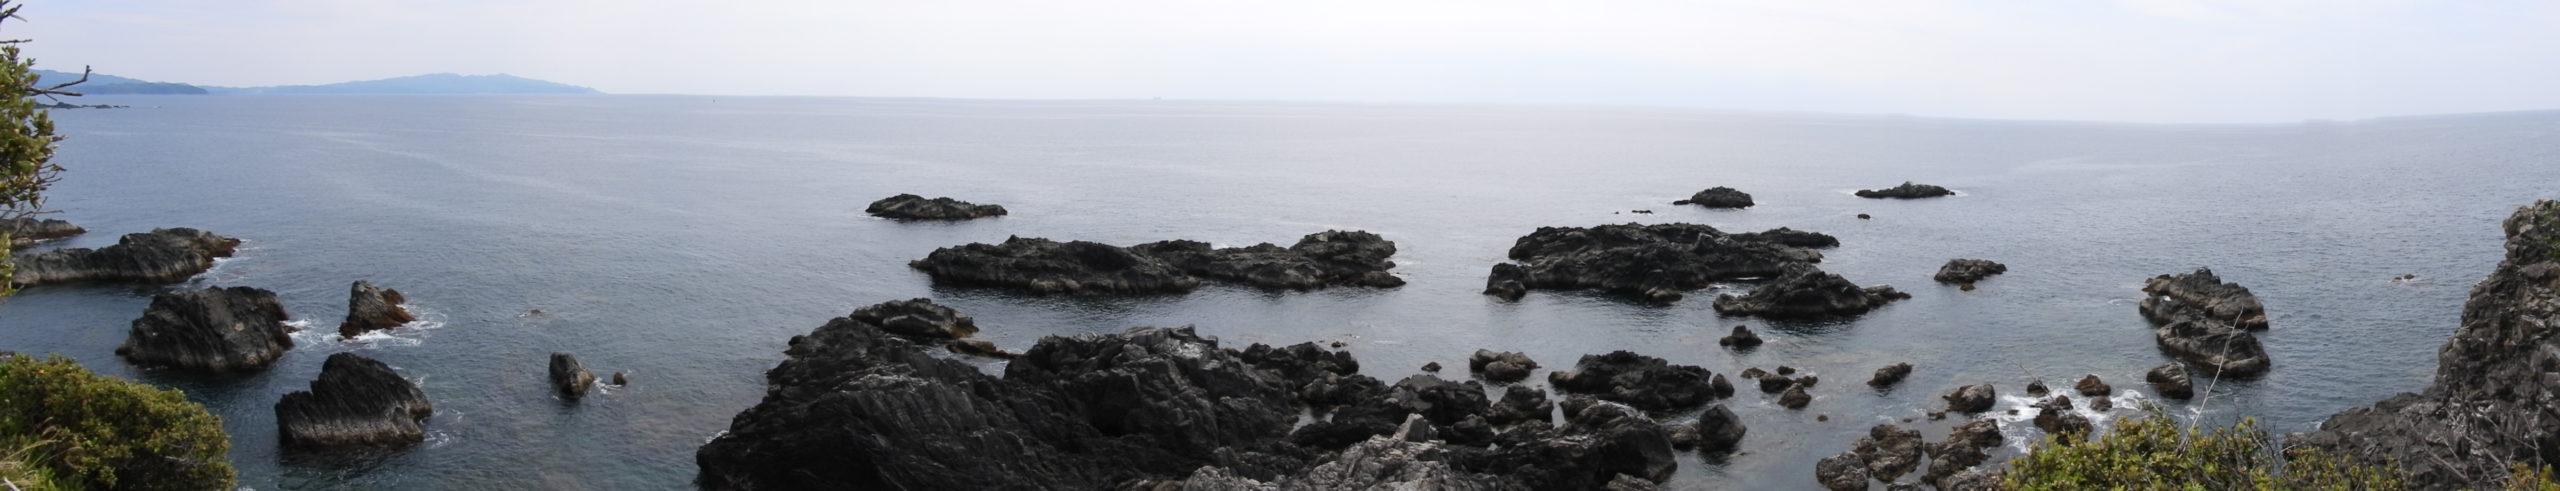 叶崎先端部より(パノラマ撮影)